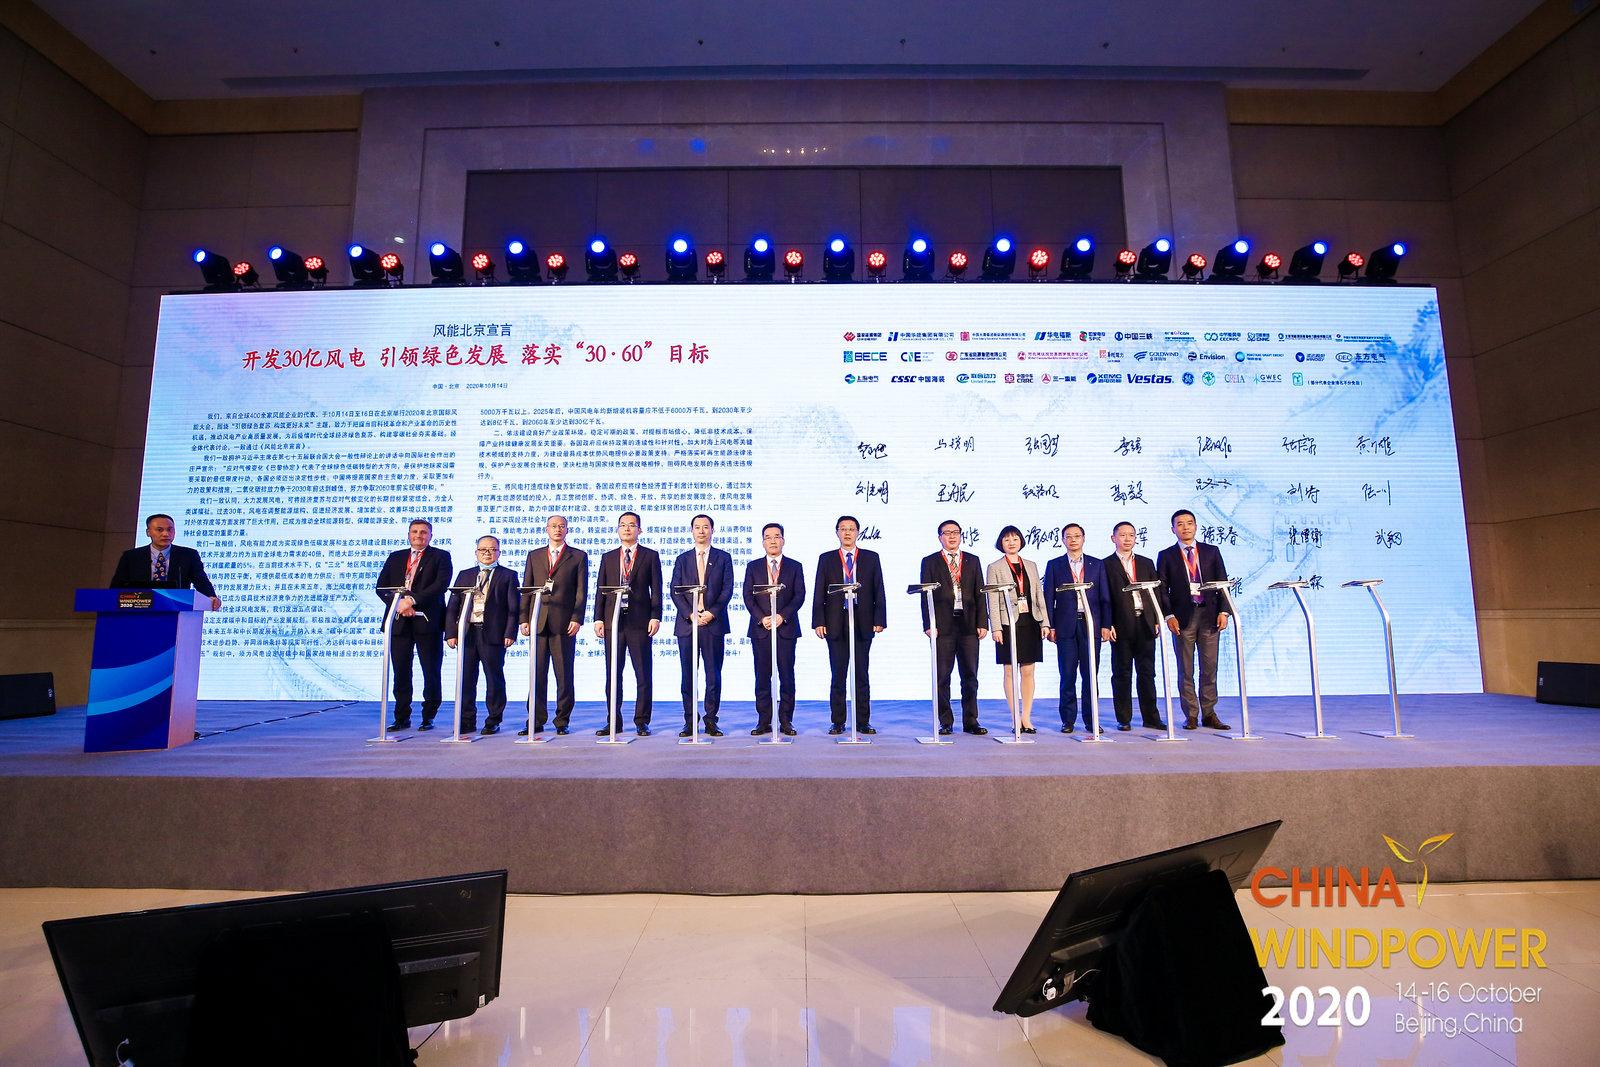 2020年北京国际风能大会现场